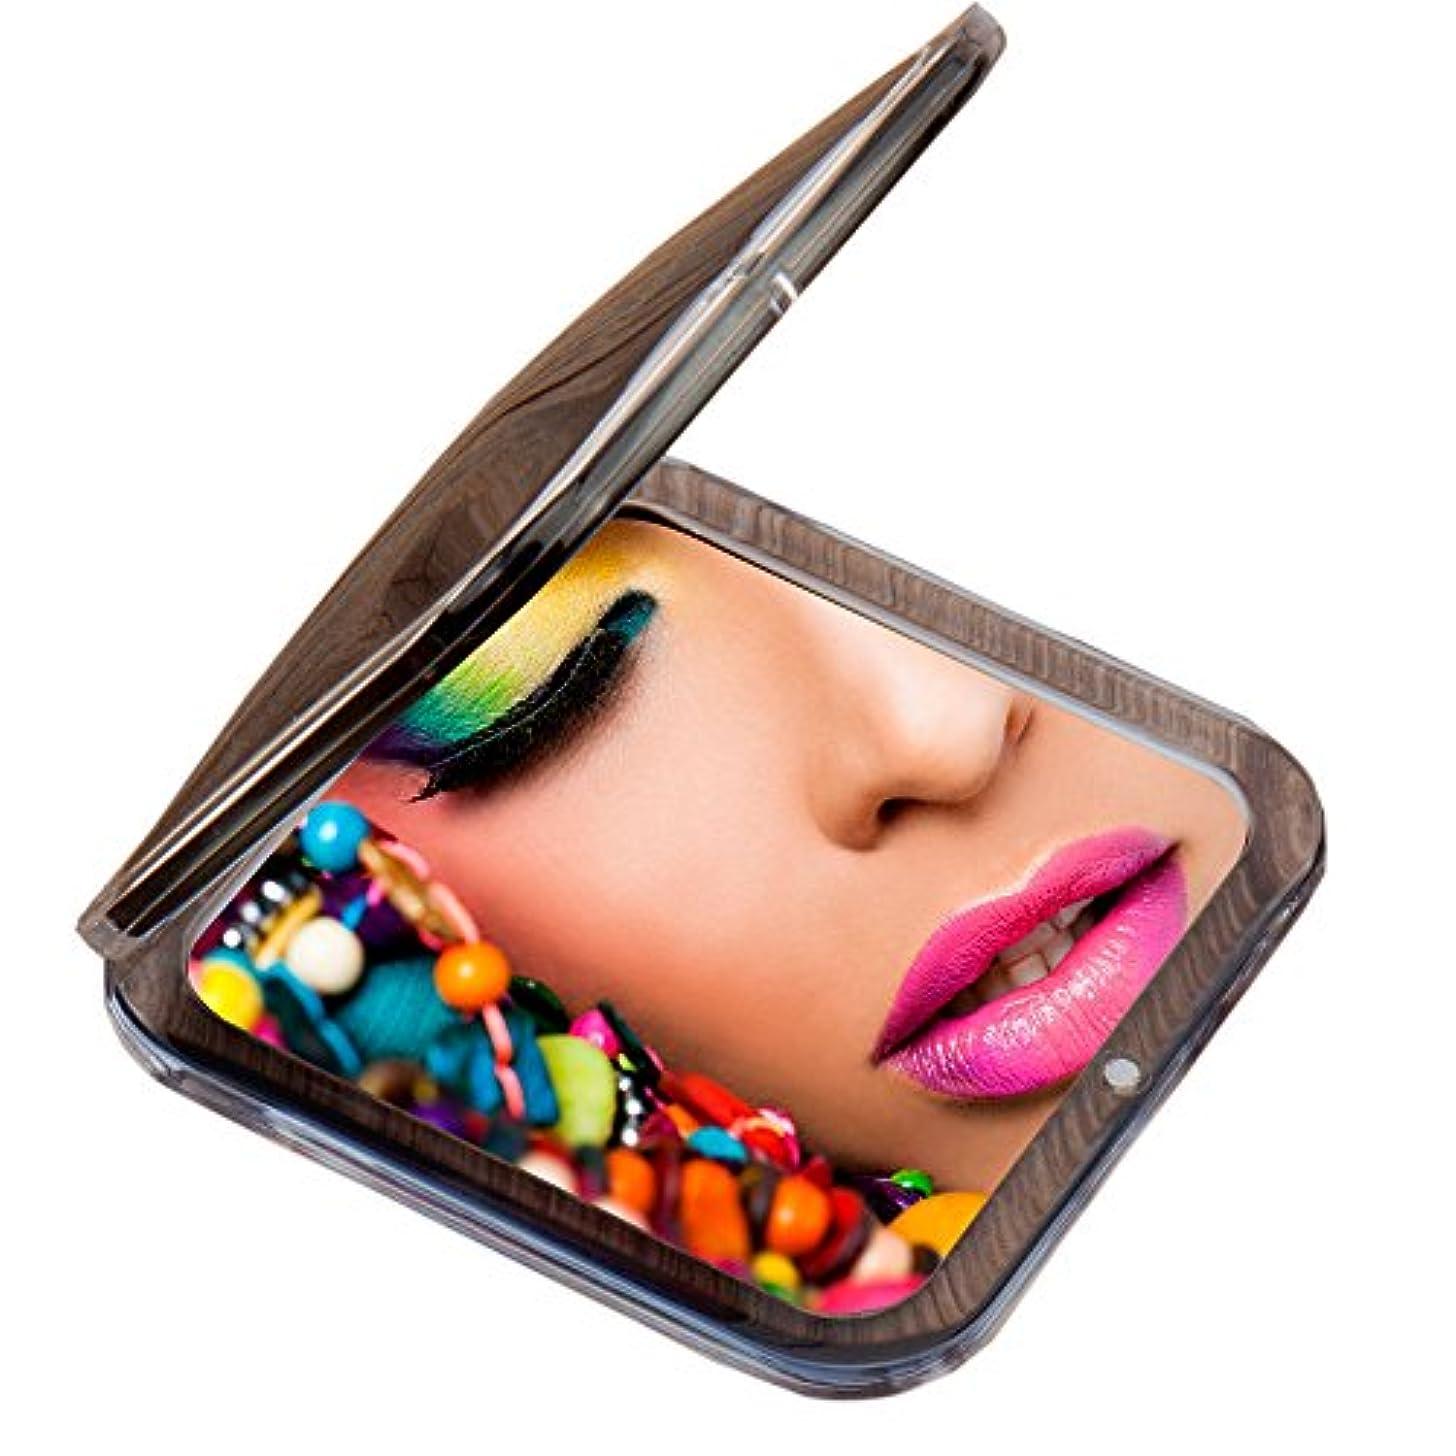 阻害するゴミ箱を空にする余裕があるMiss Sweet コンパクトミラー 両面鏡 化粧鏡 1倍*10倍拡大鏡 (Black)